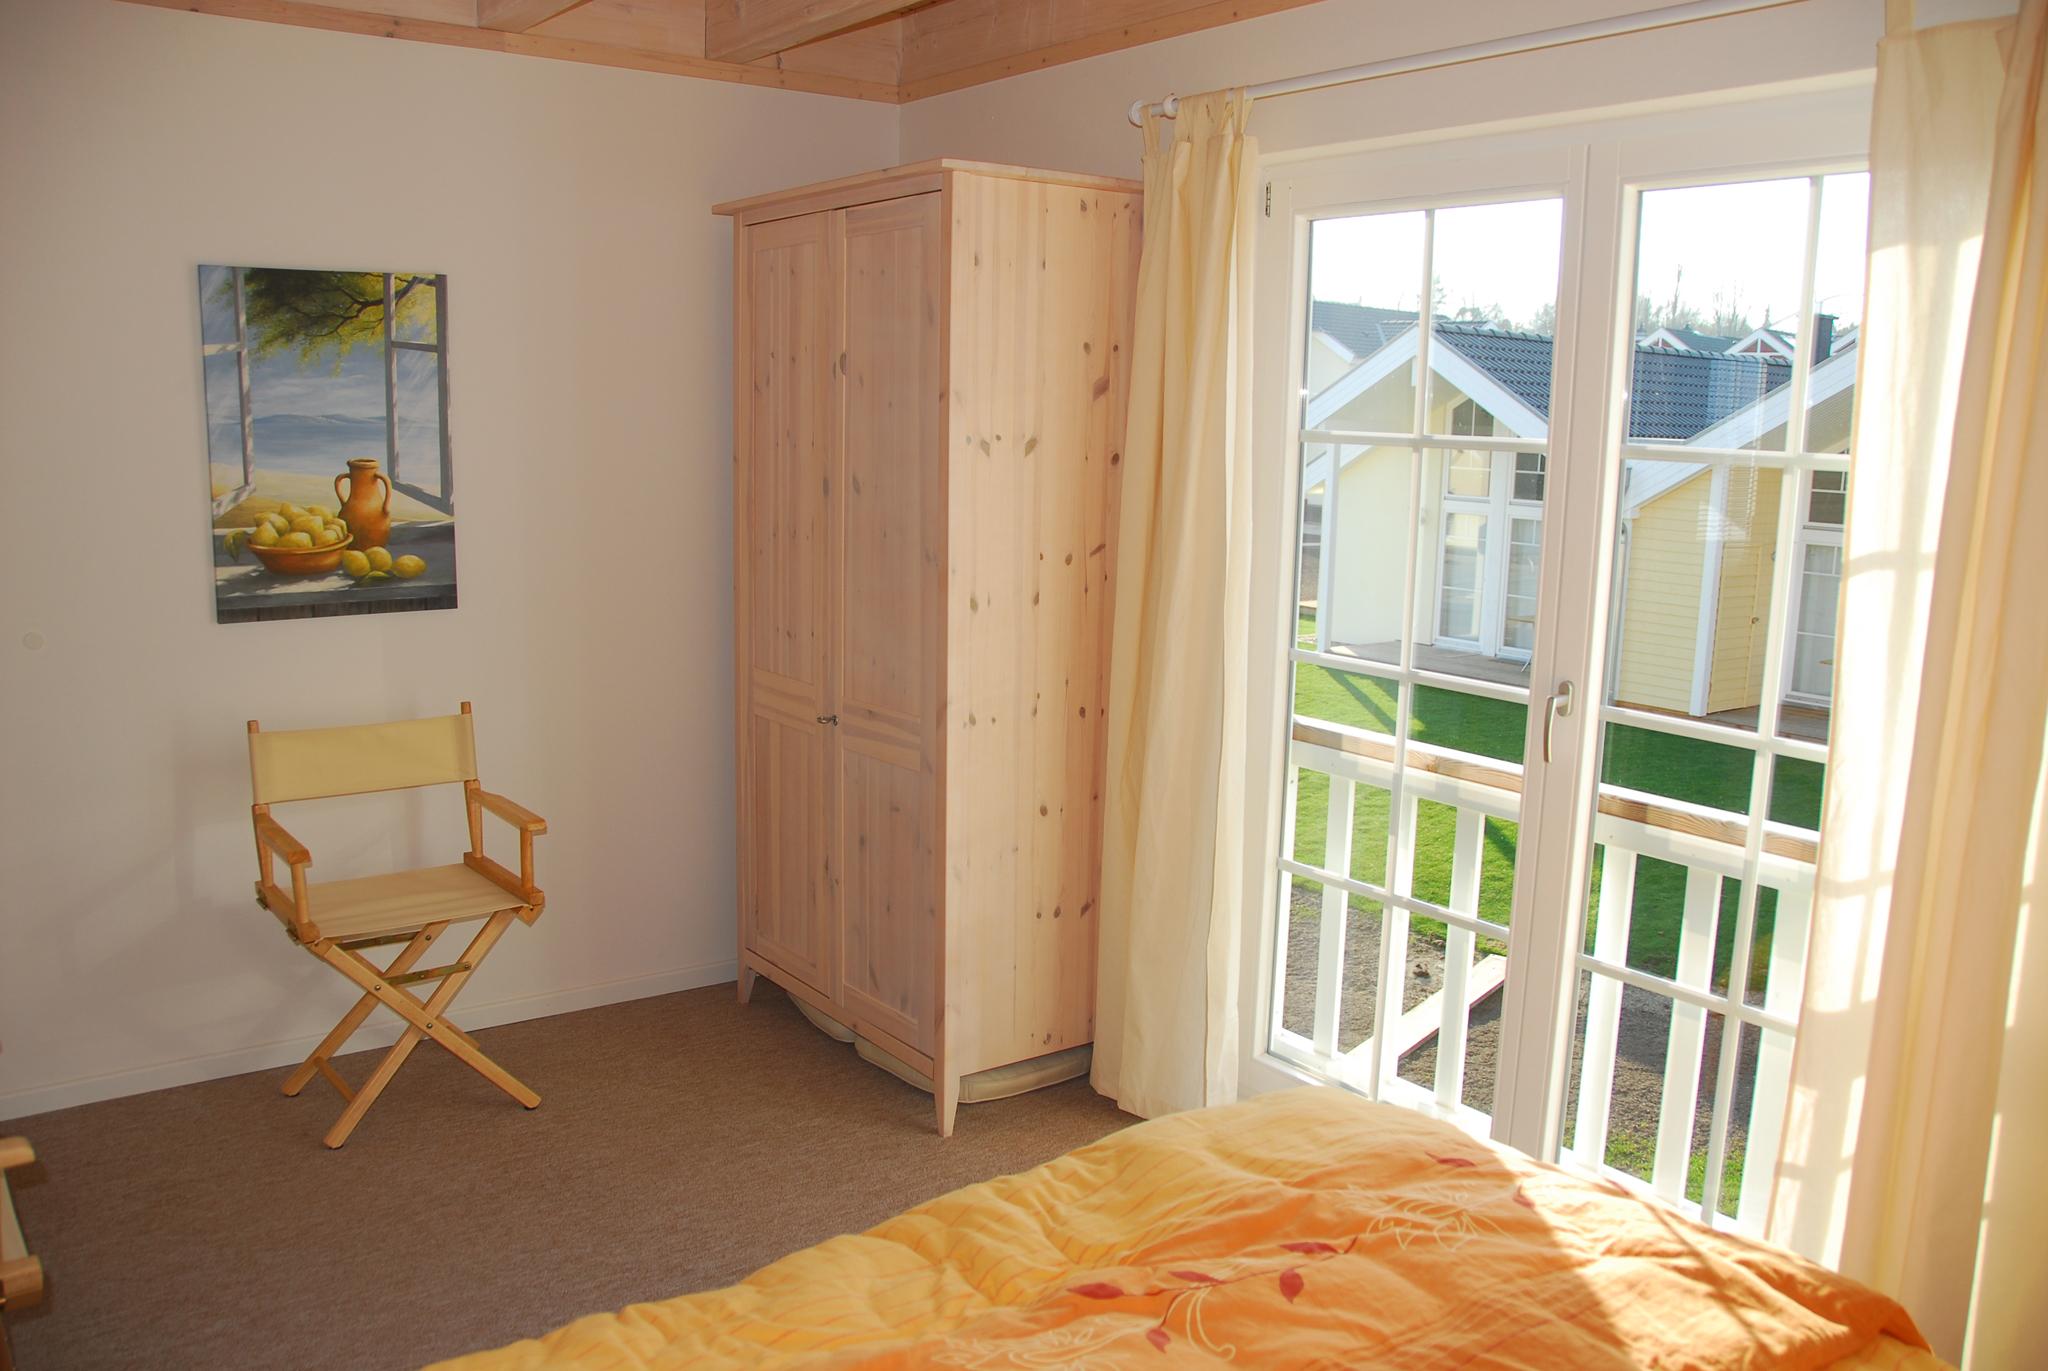 urlaub mit baby in deutschland im ferienhaus ostseeblick. Black Bedroom Furniture Sets. Home Design Ideas